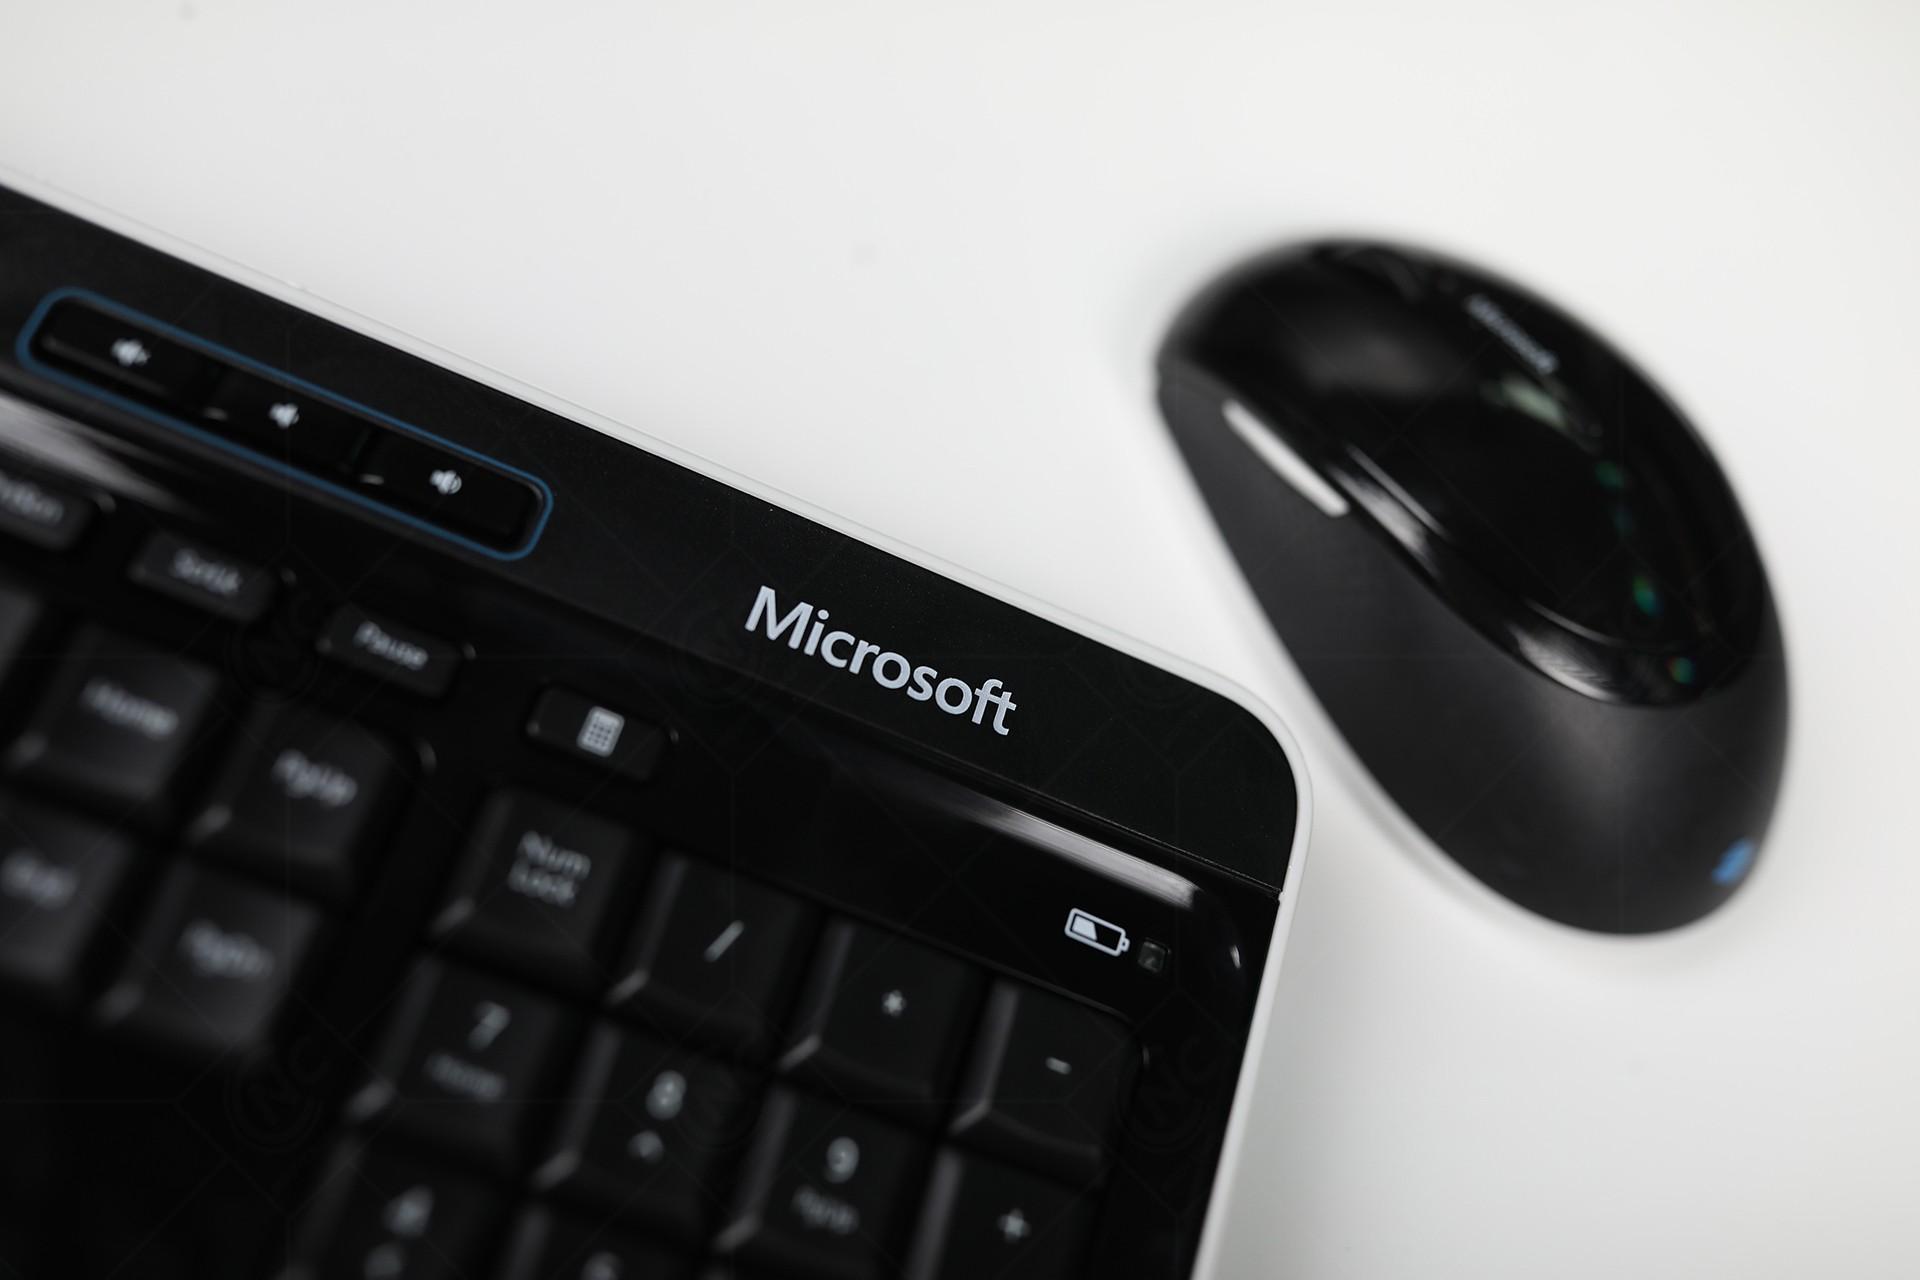 bo-ban-phim-chuot-microsoft-wireless-desktop-3050-pp3-00024-2